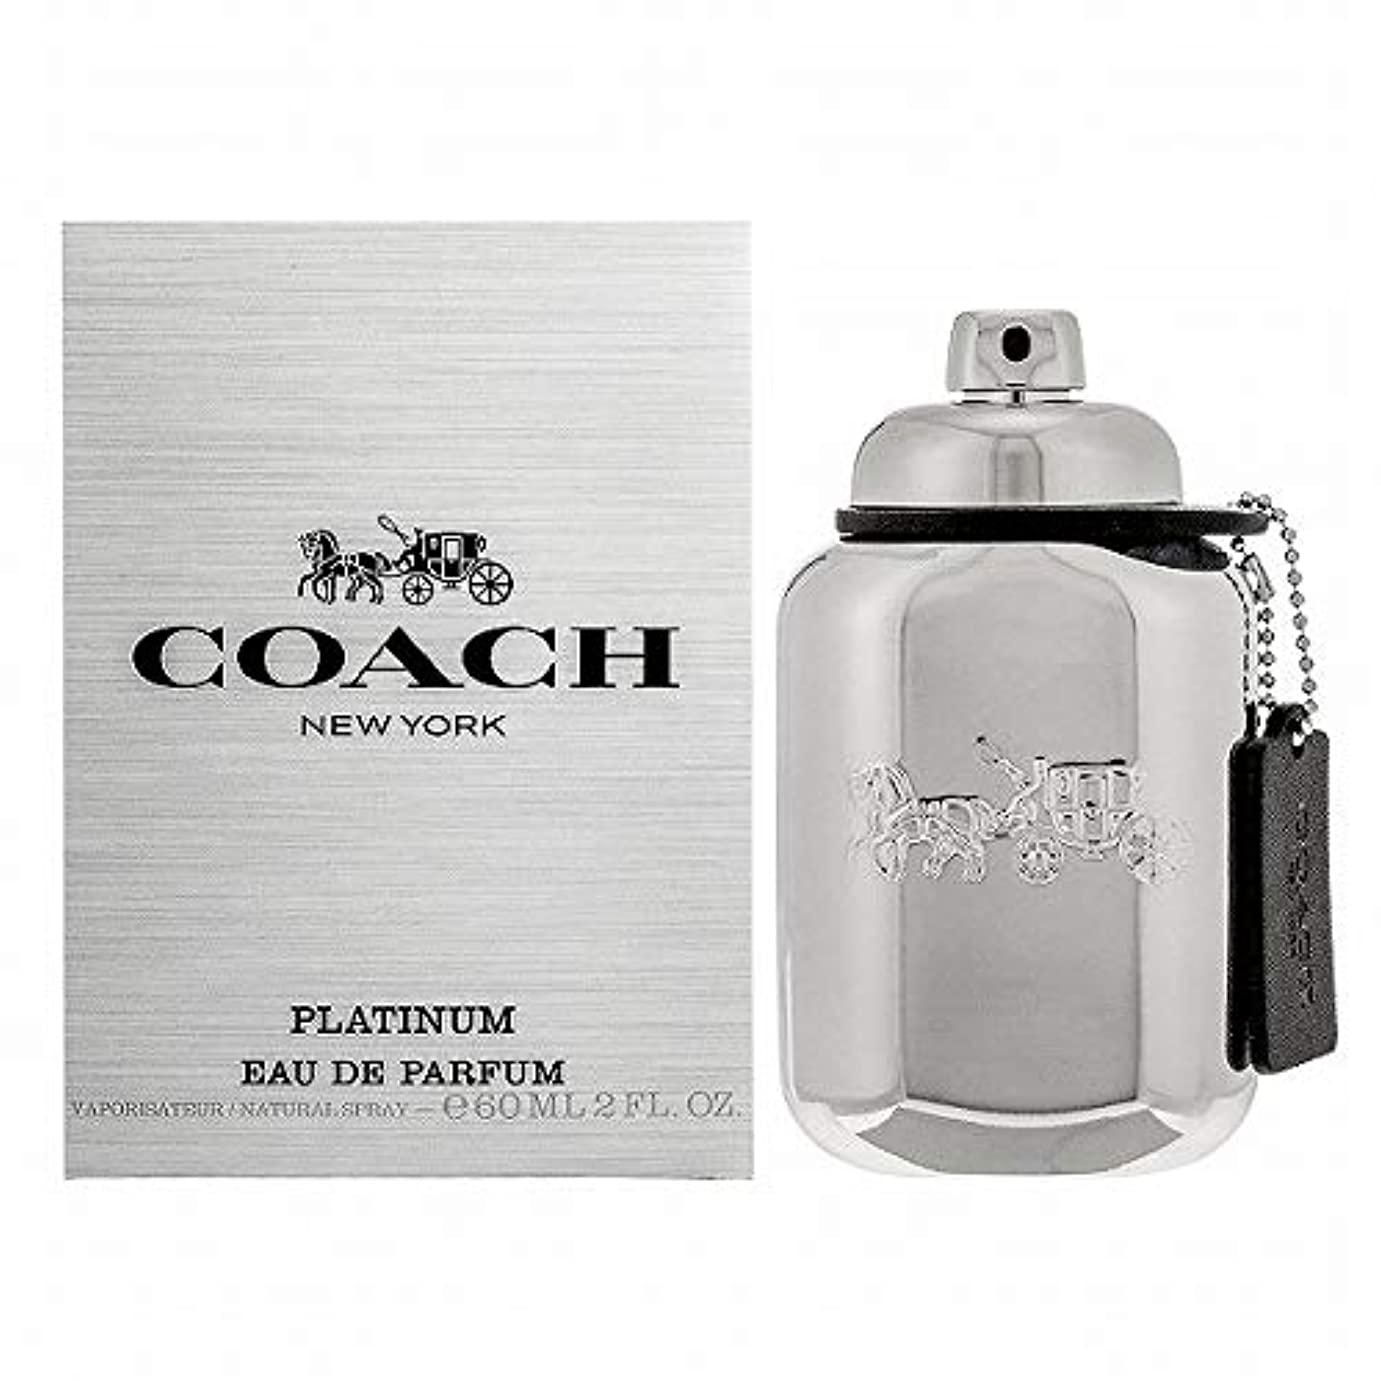 続ける報復するジュニアコーチ 香水 CO-MANPLAEPSP-60 マン プラチナム オードパルファム 60ml【メンズ】 [並行輸入品]